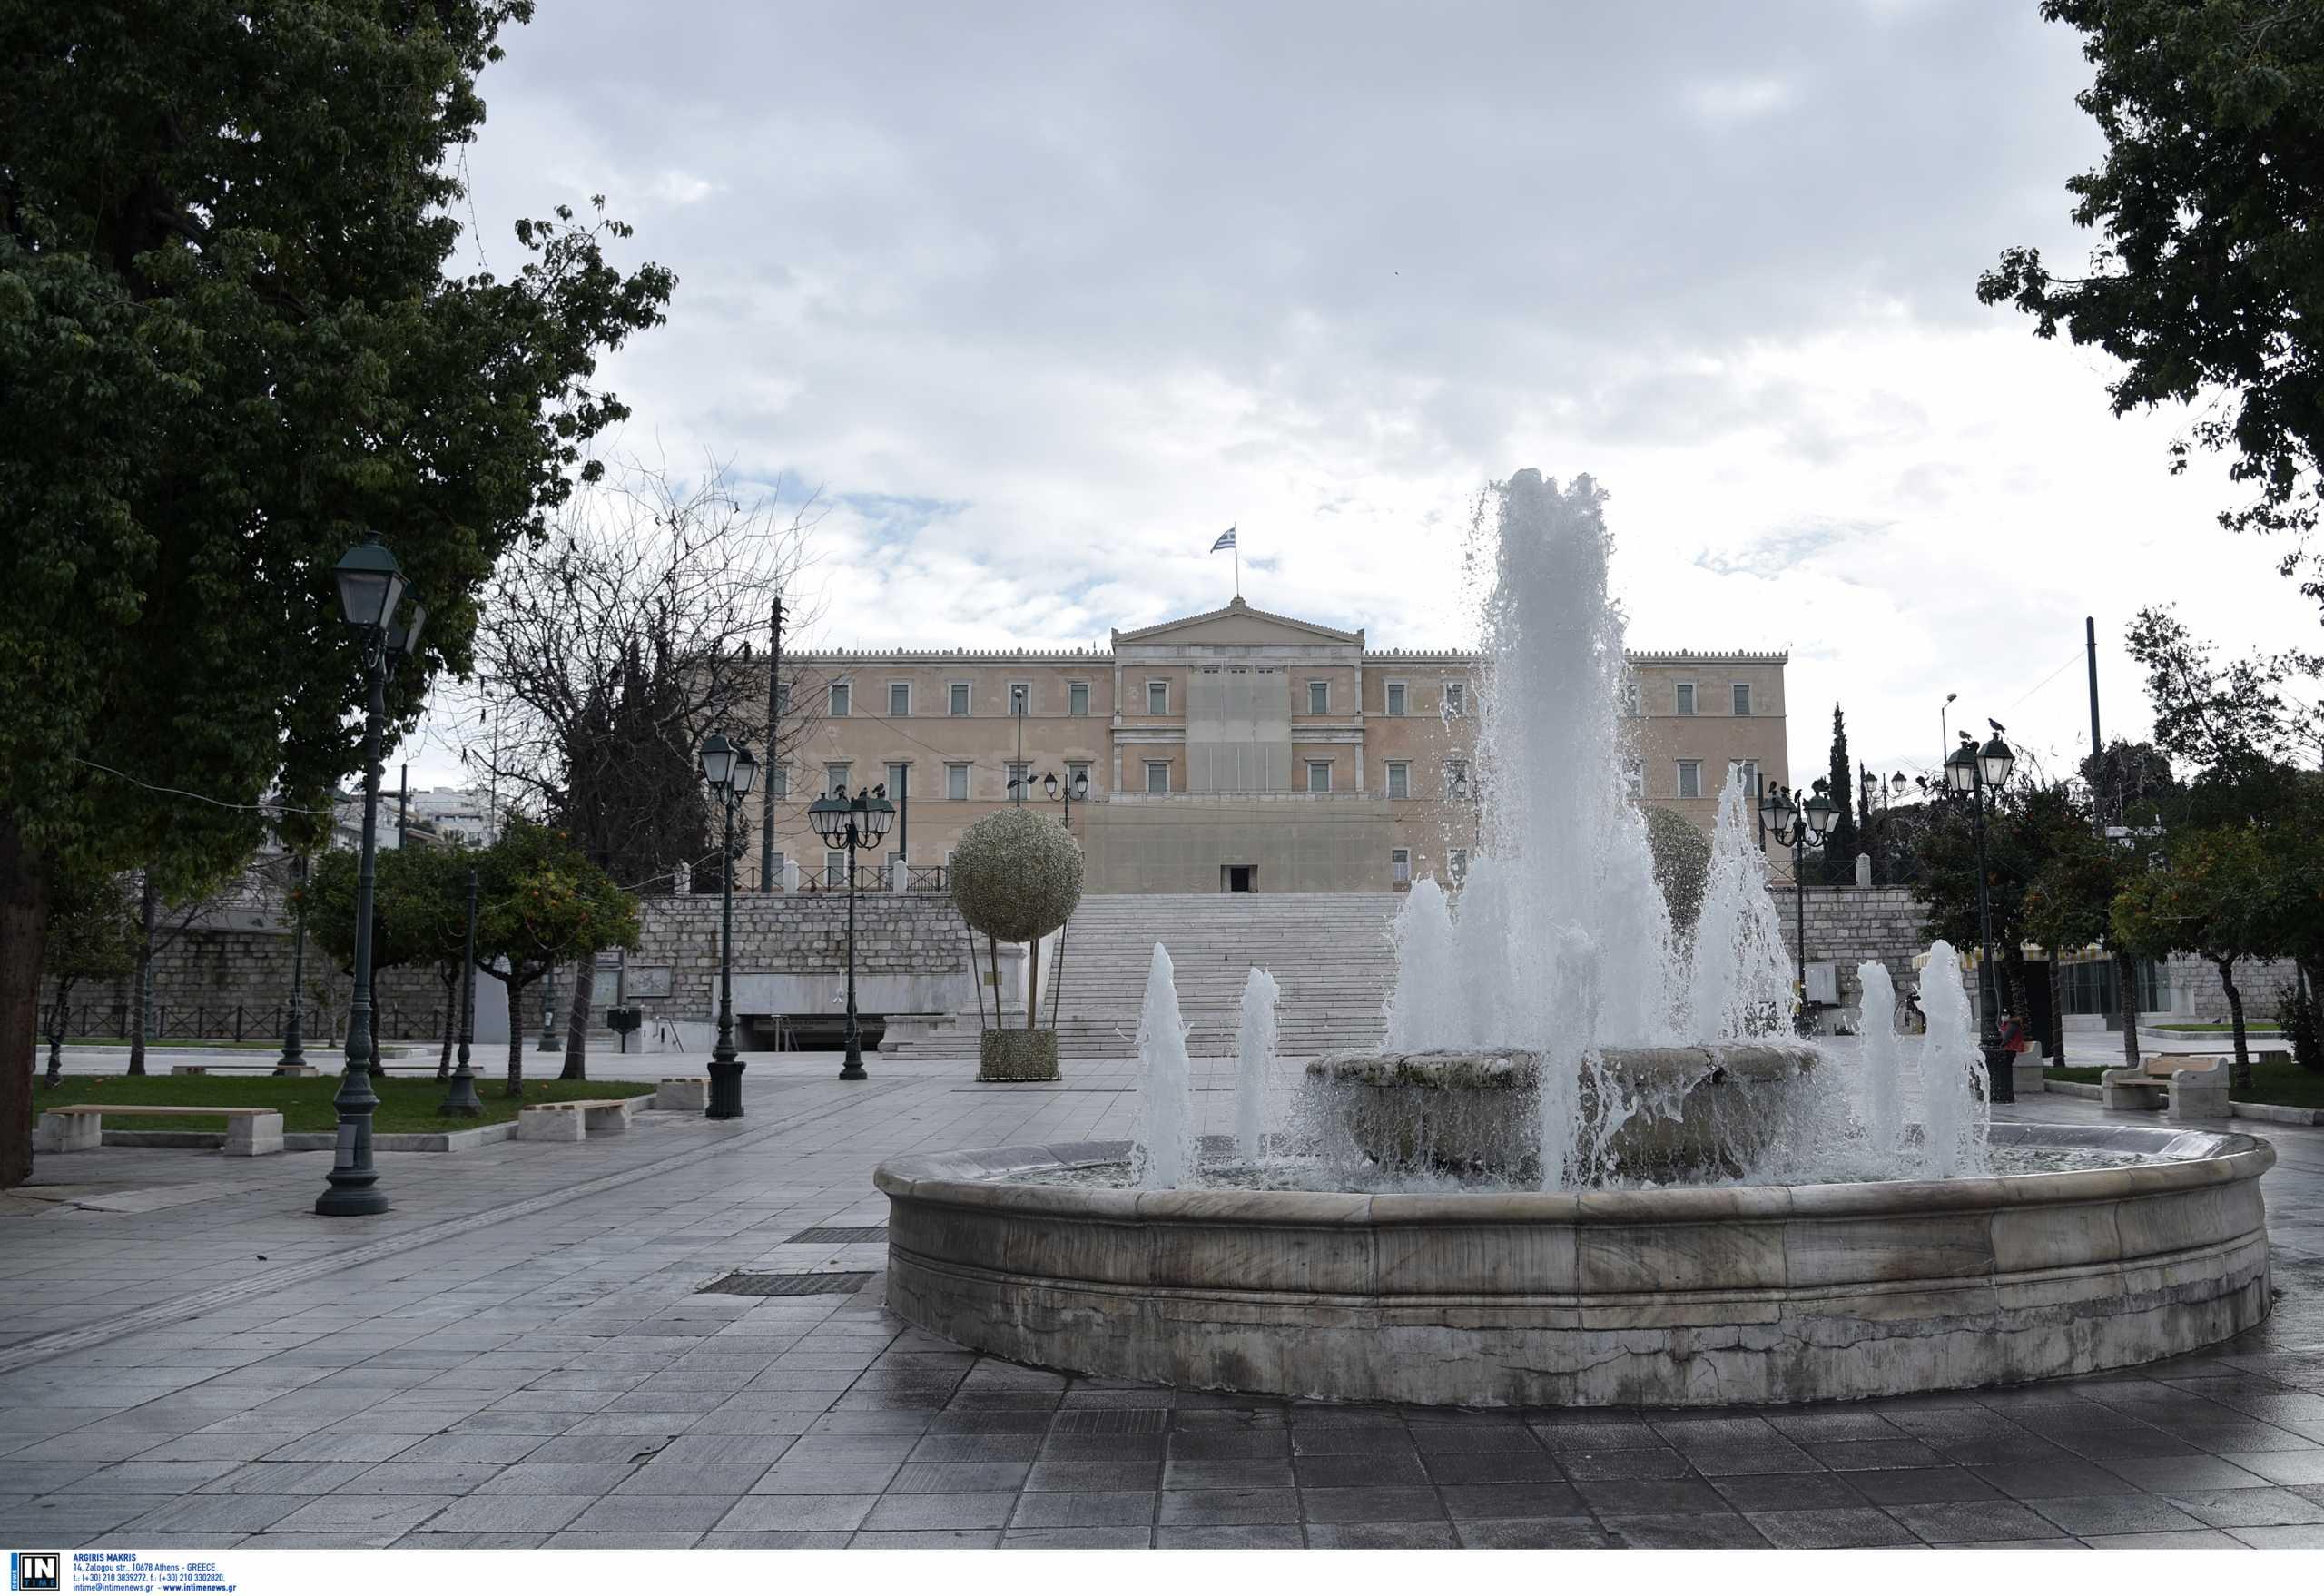 Δήμος Αθηναίων: Ασπίδα προστασίας σε αστέγους με θερμαινόμενες αίθουσες και rapid test